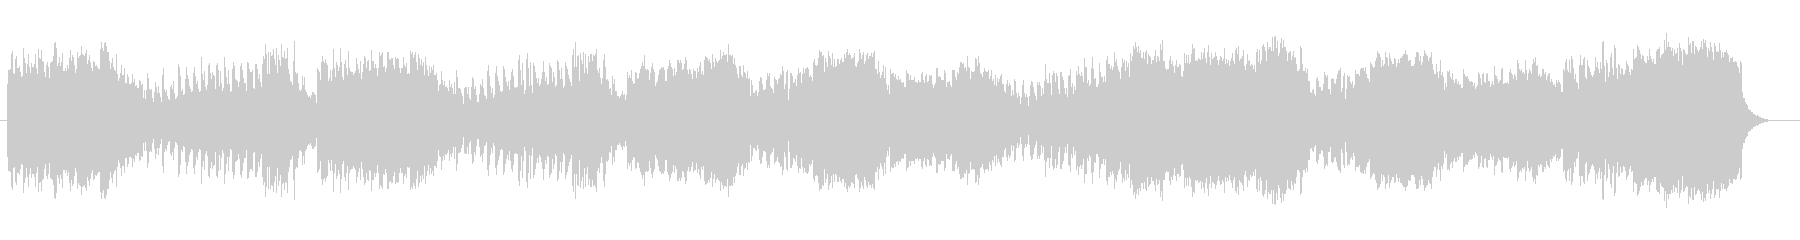 ストリングスによる秋のマーチの未再生の波形